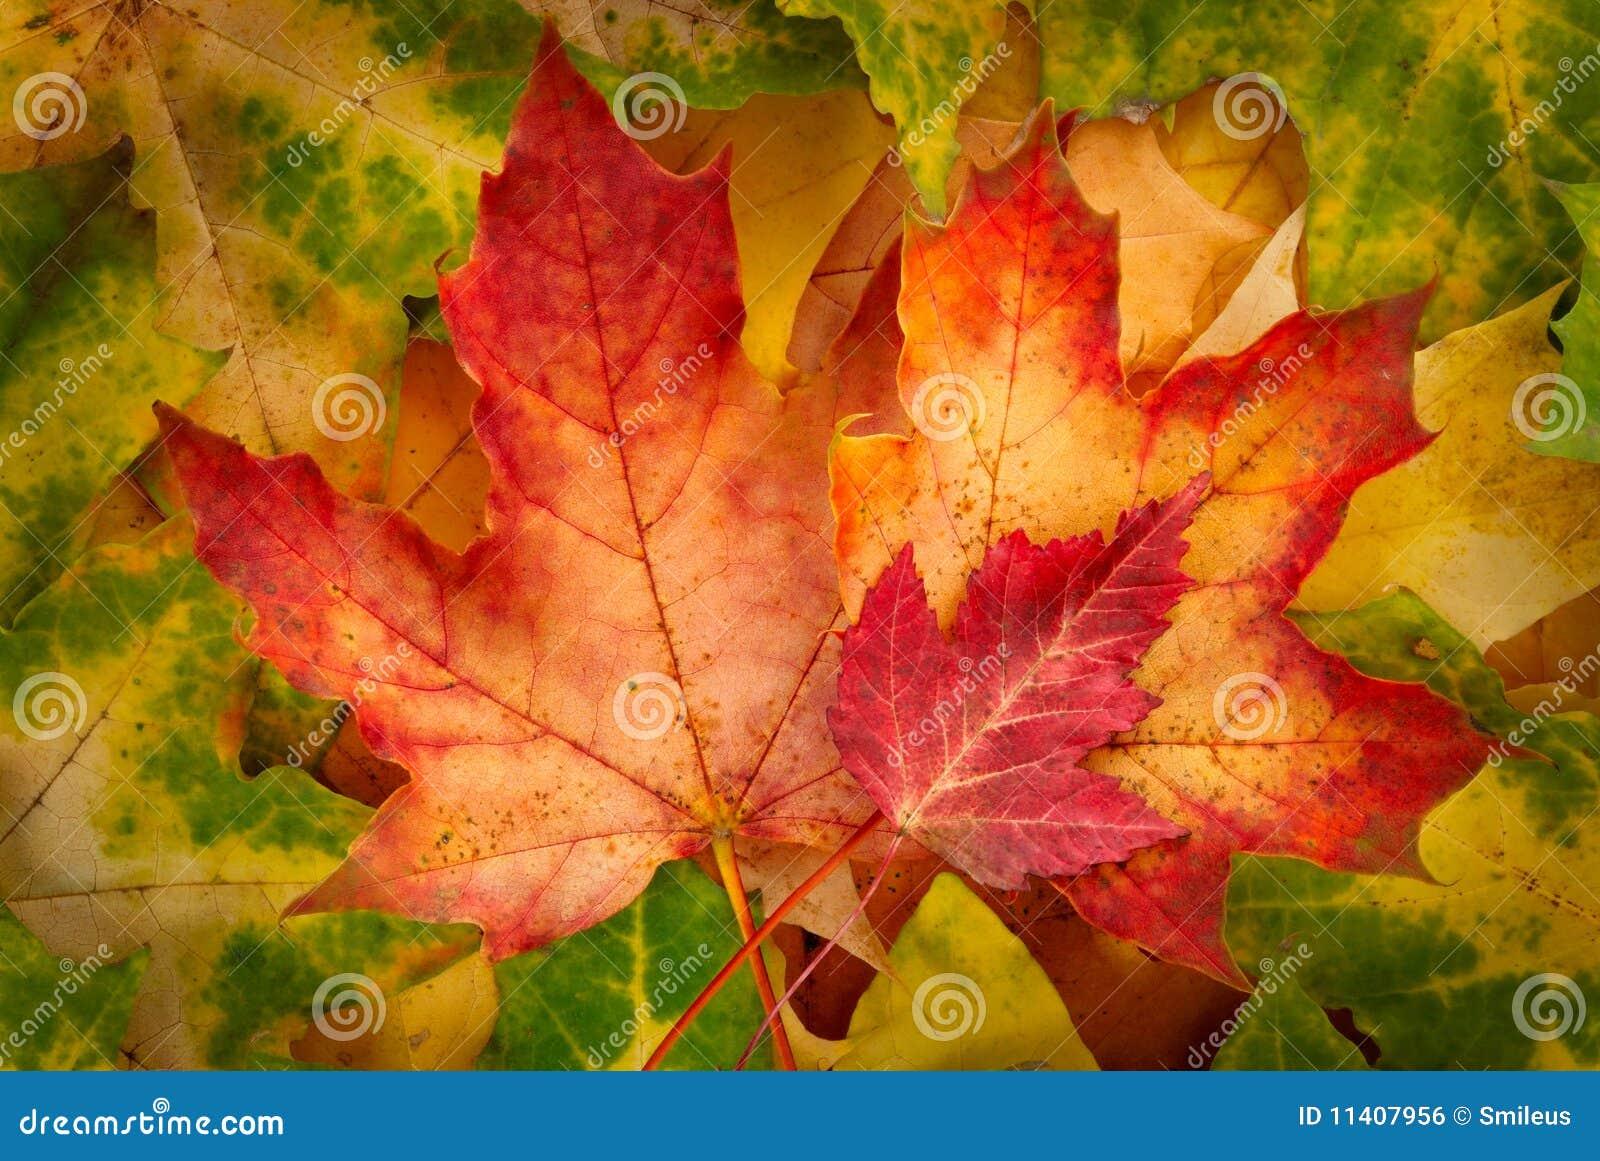 Rode esdoornbladeren